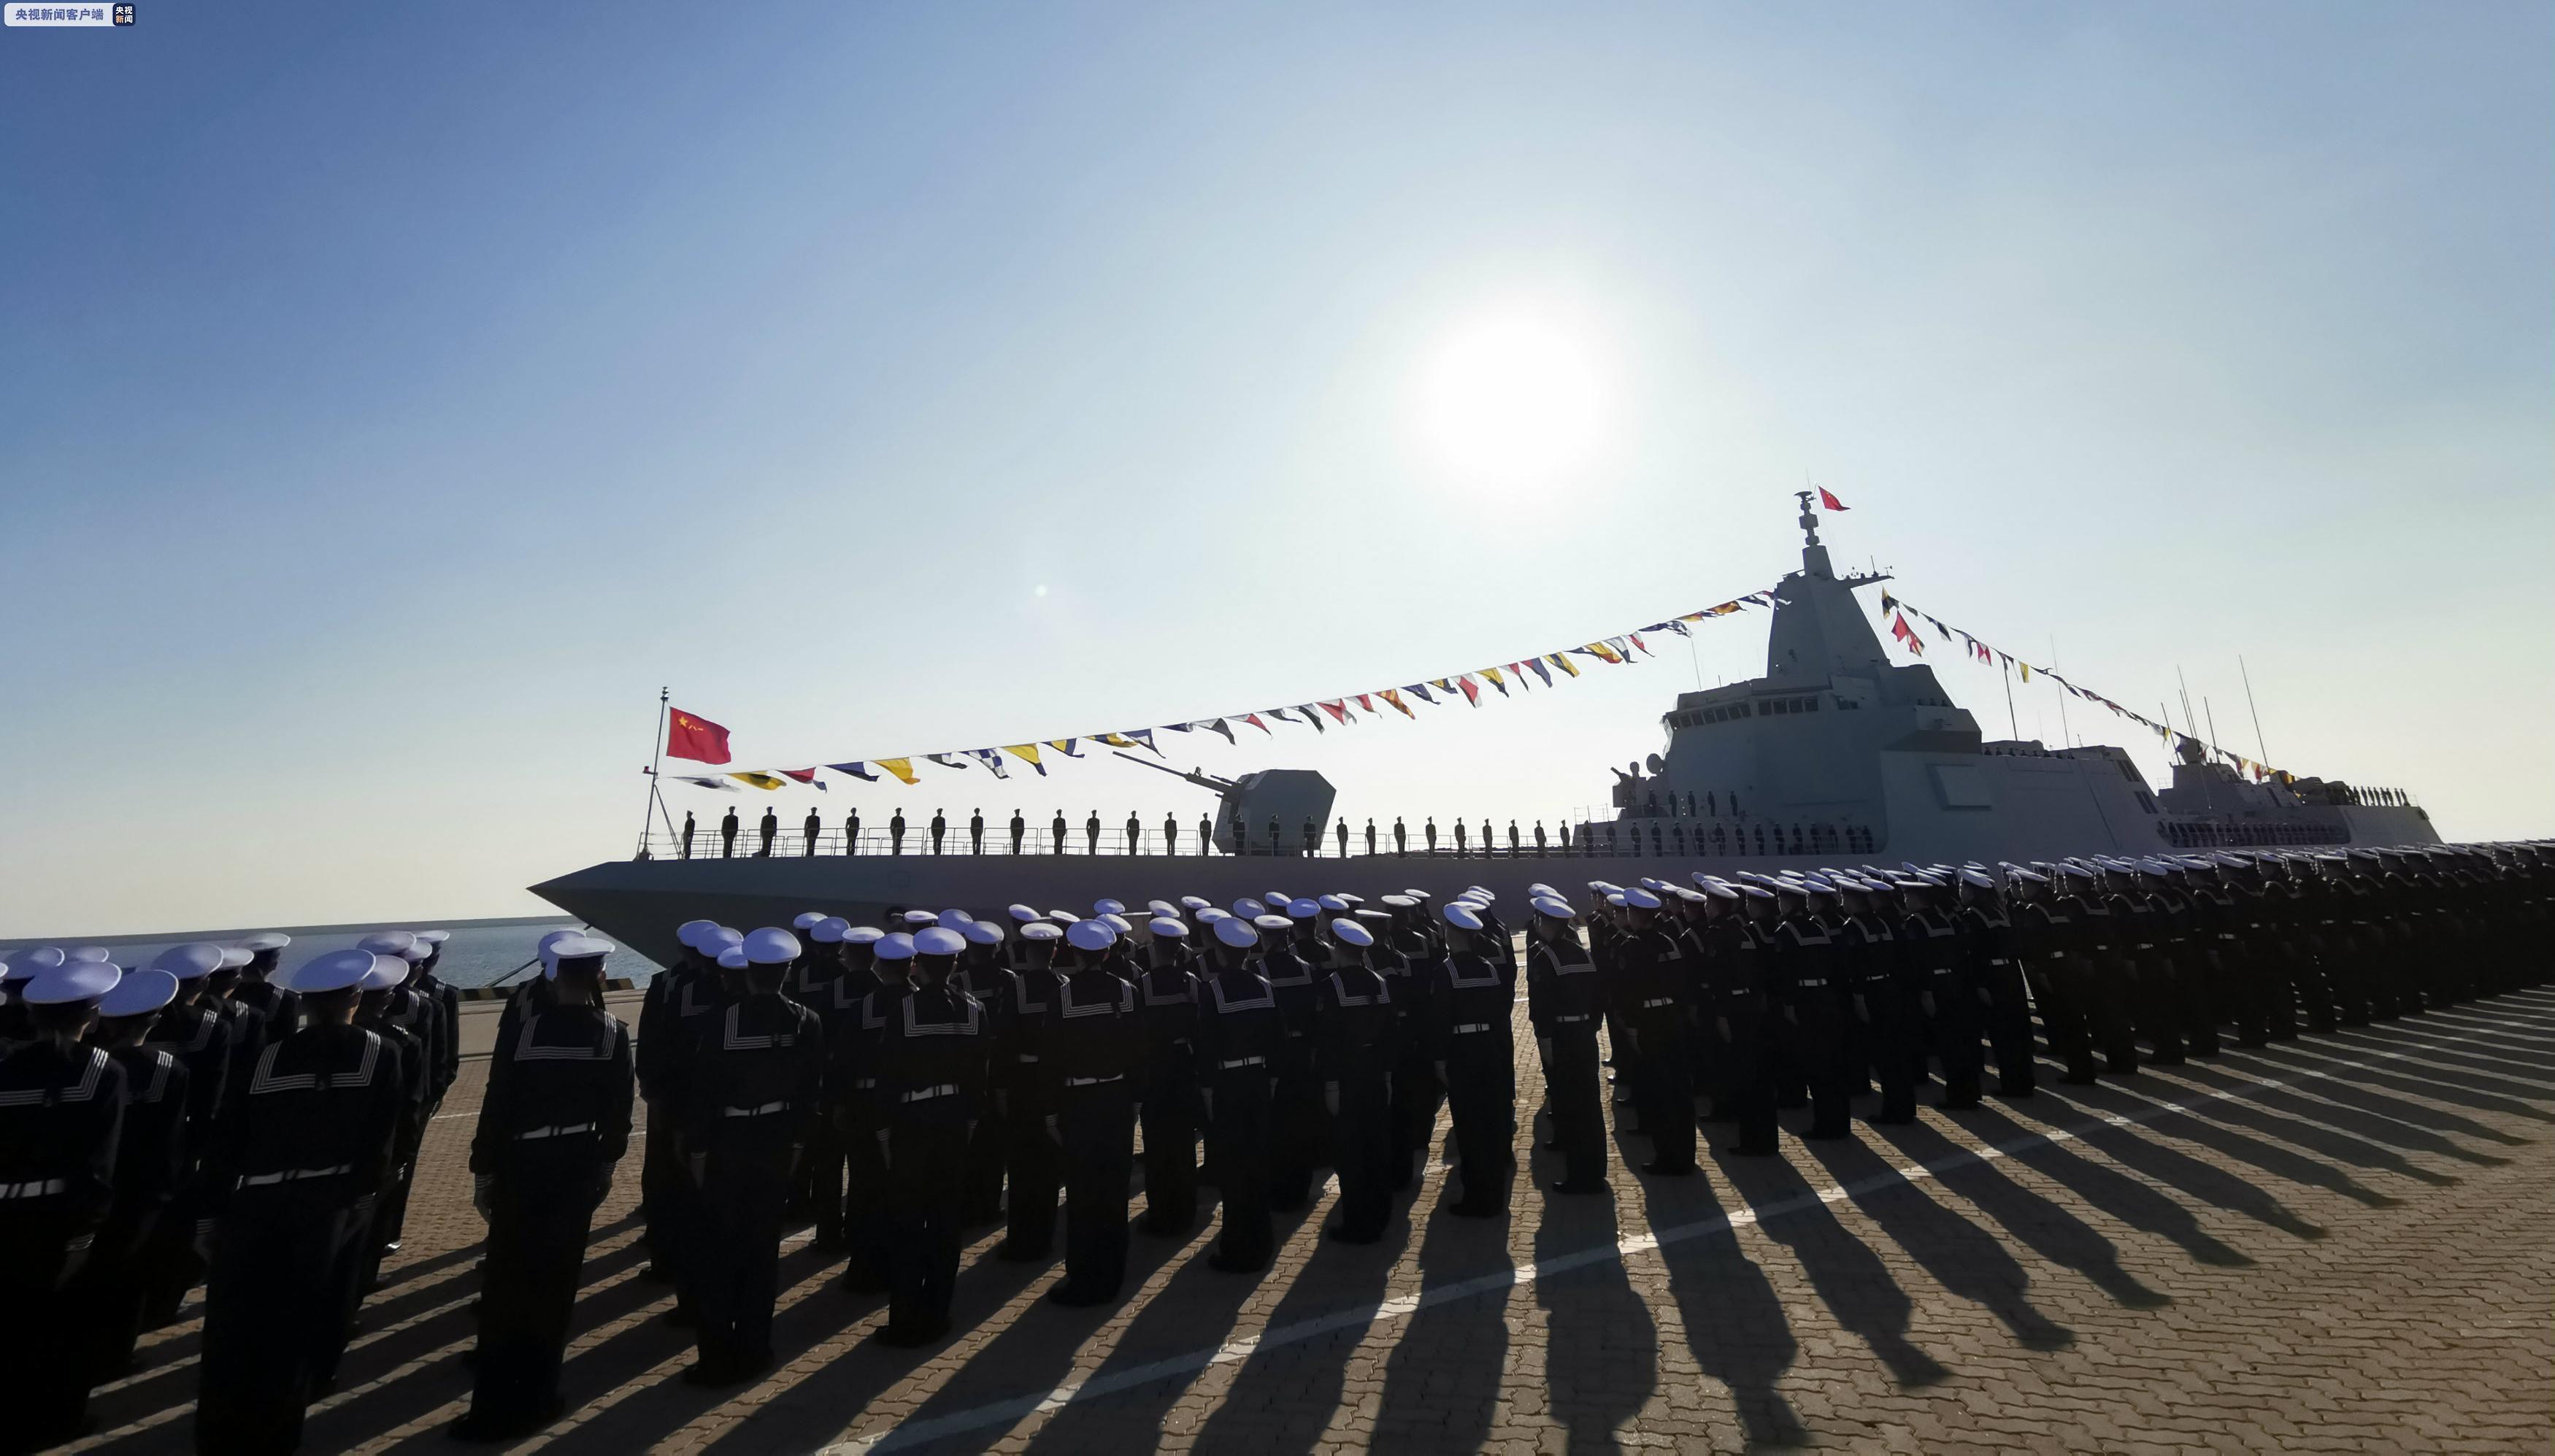 海军055型万吨级驱逐舰南昌舰在山东青岛正式入列